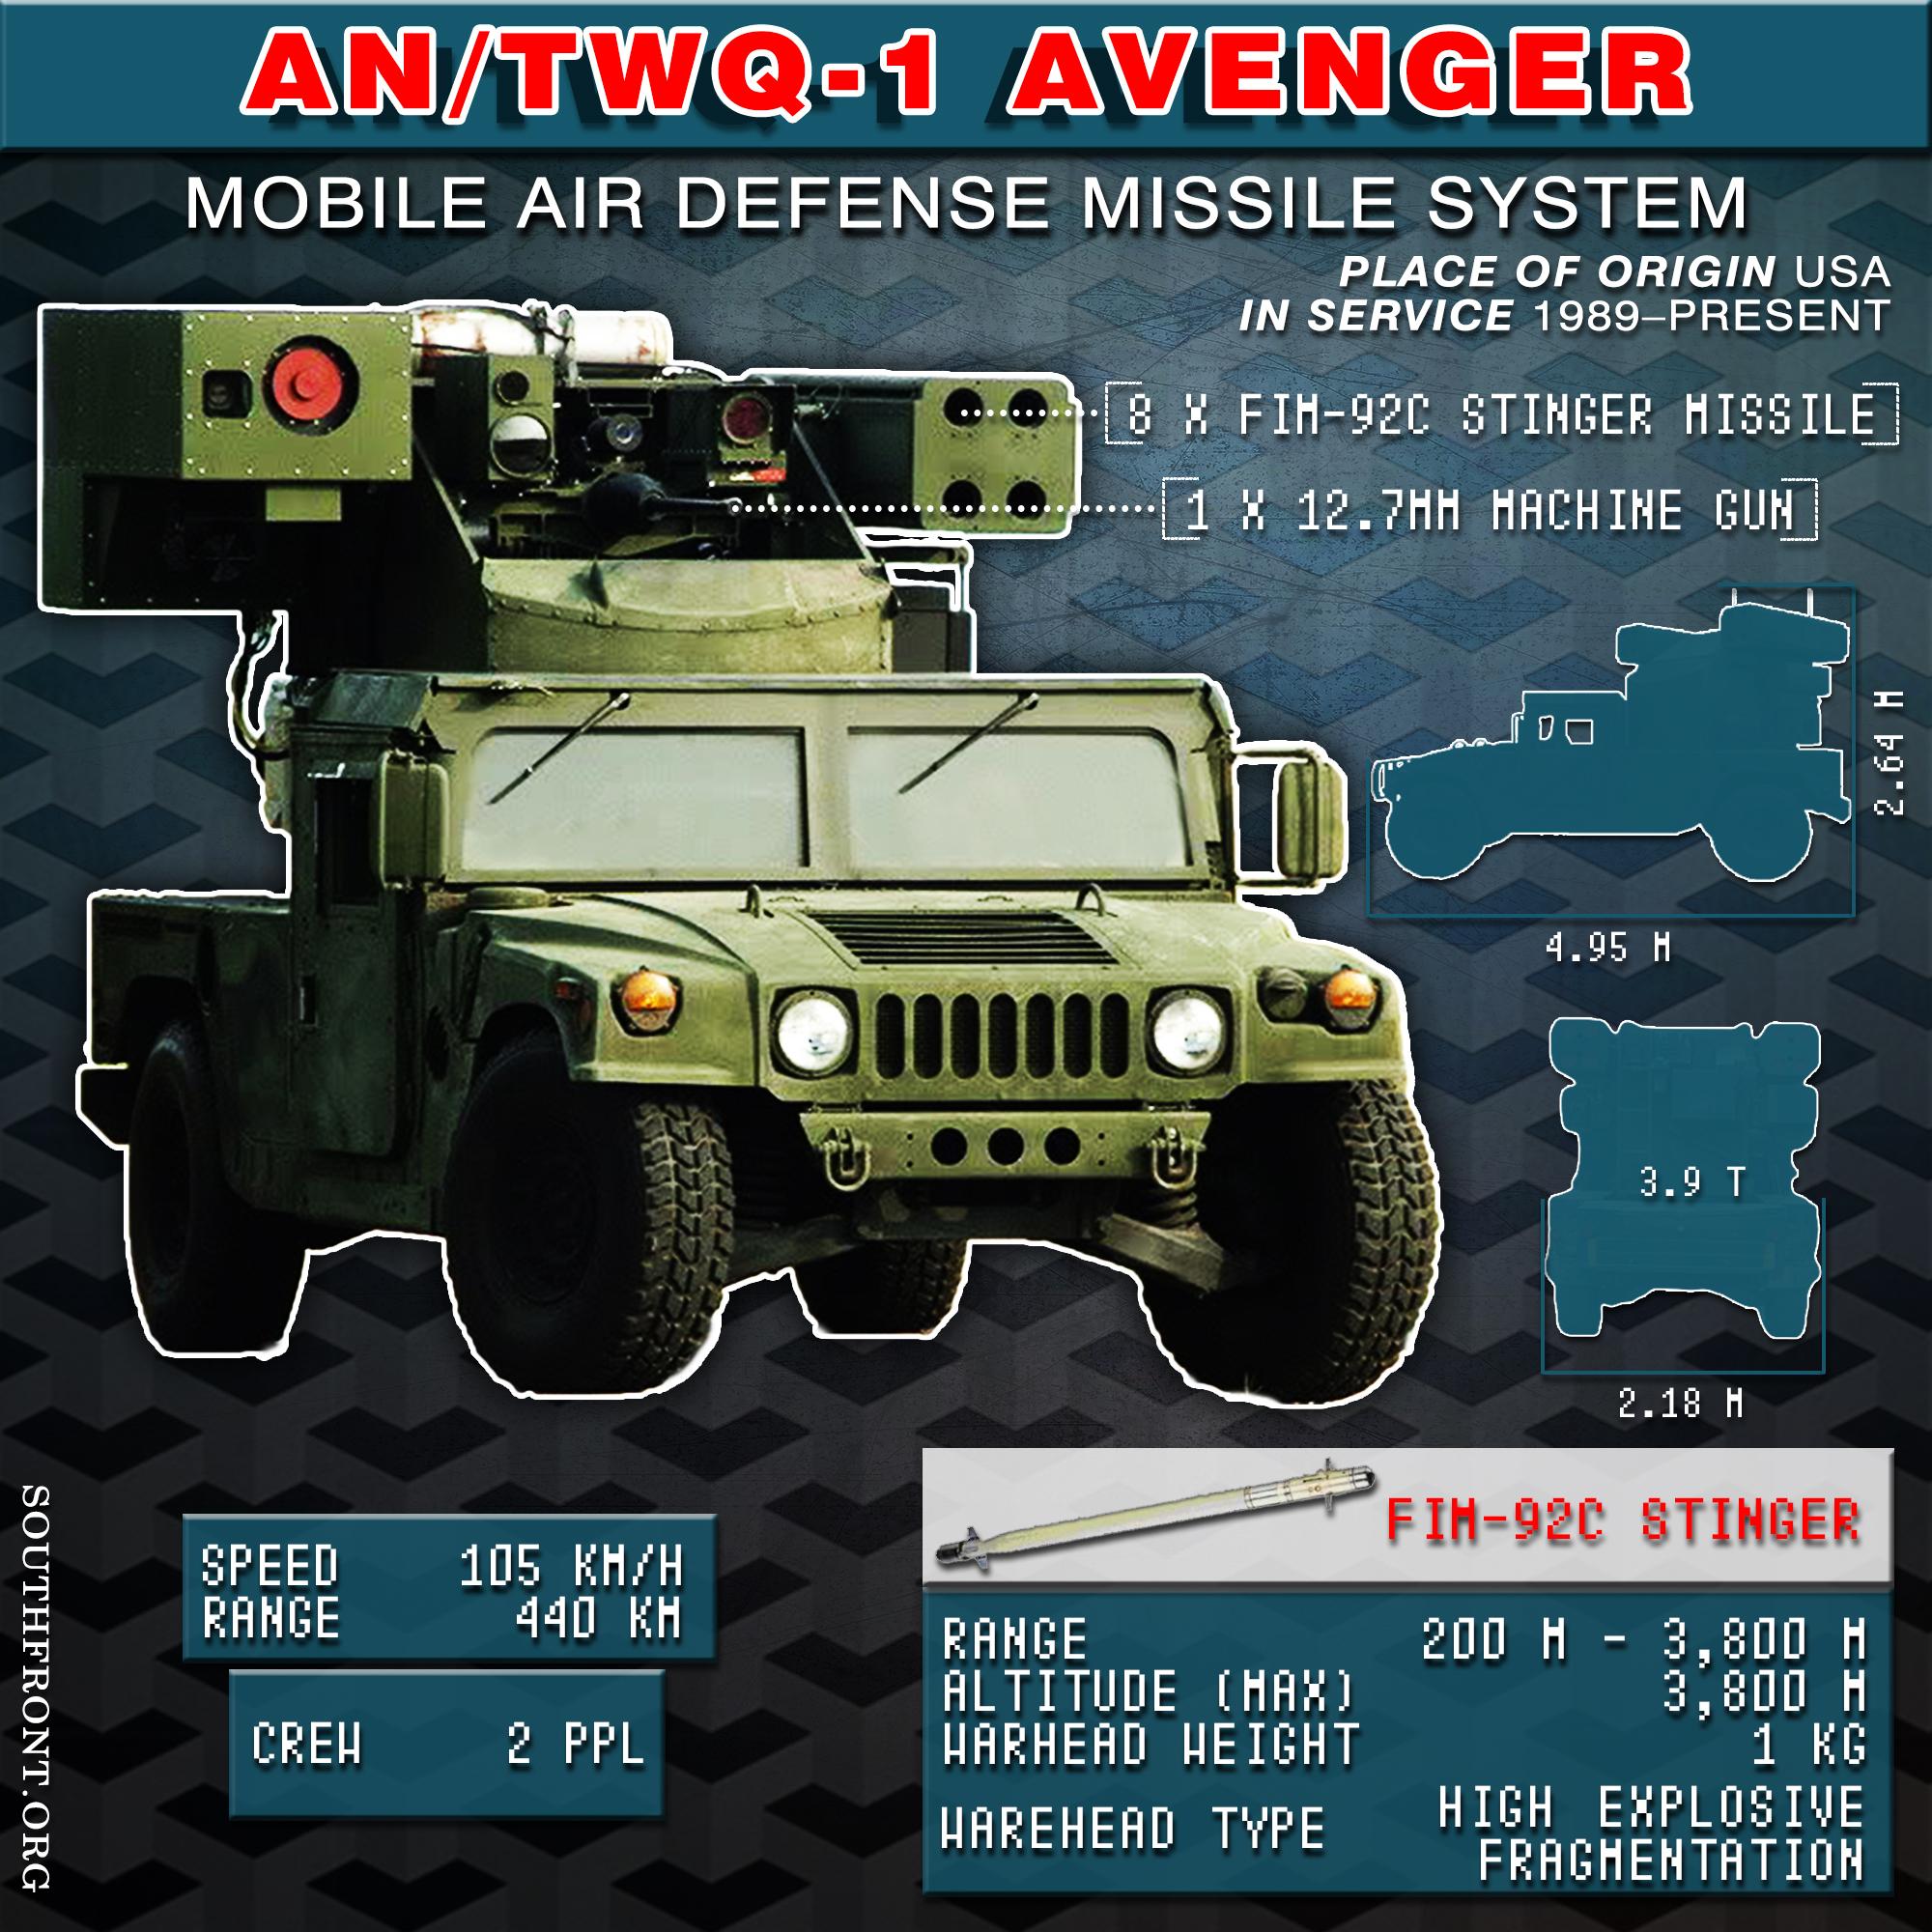 Észak-amerikai szárazföldi erők Antwq1